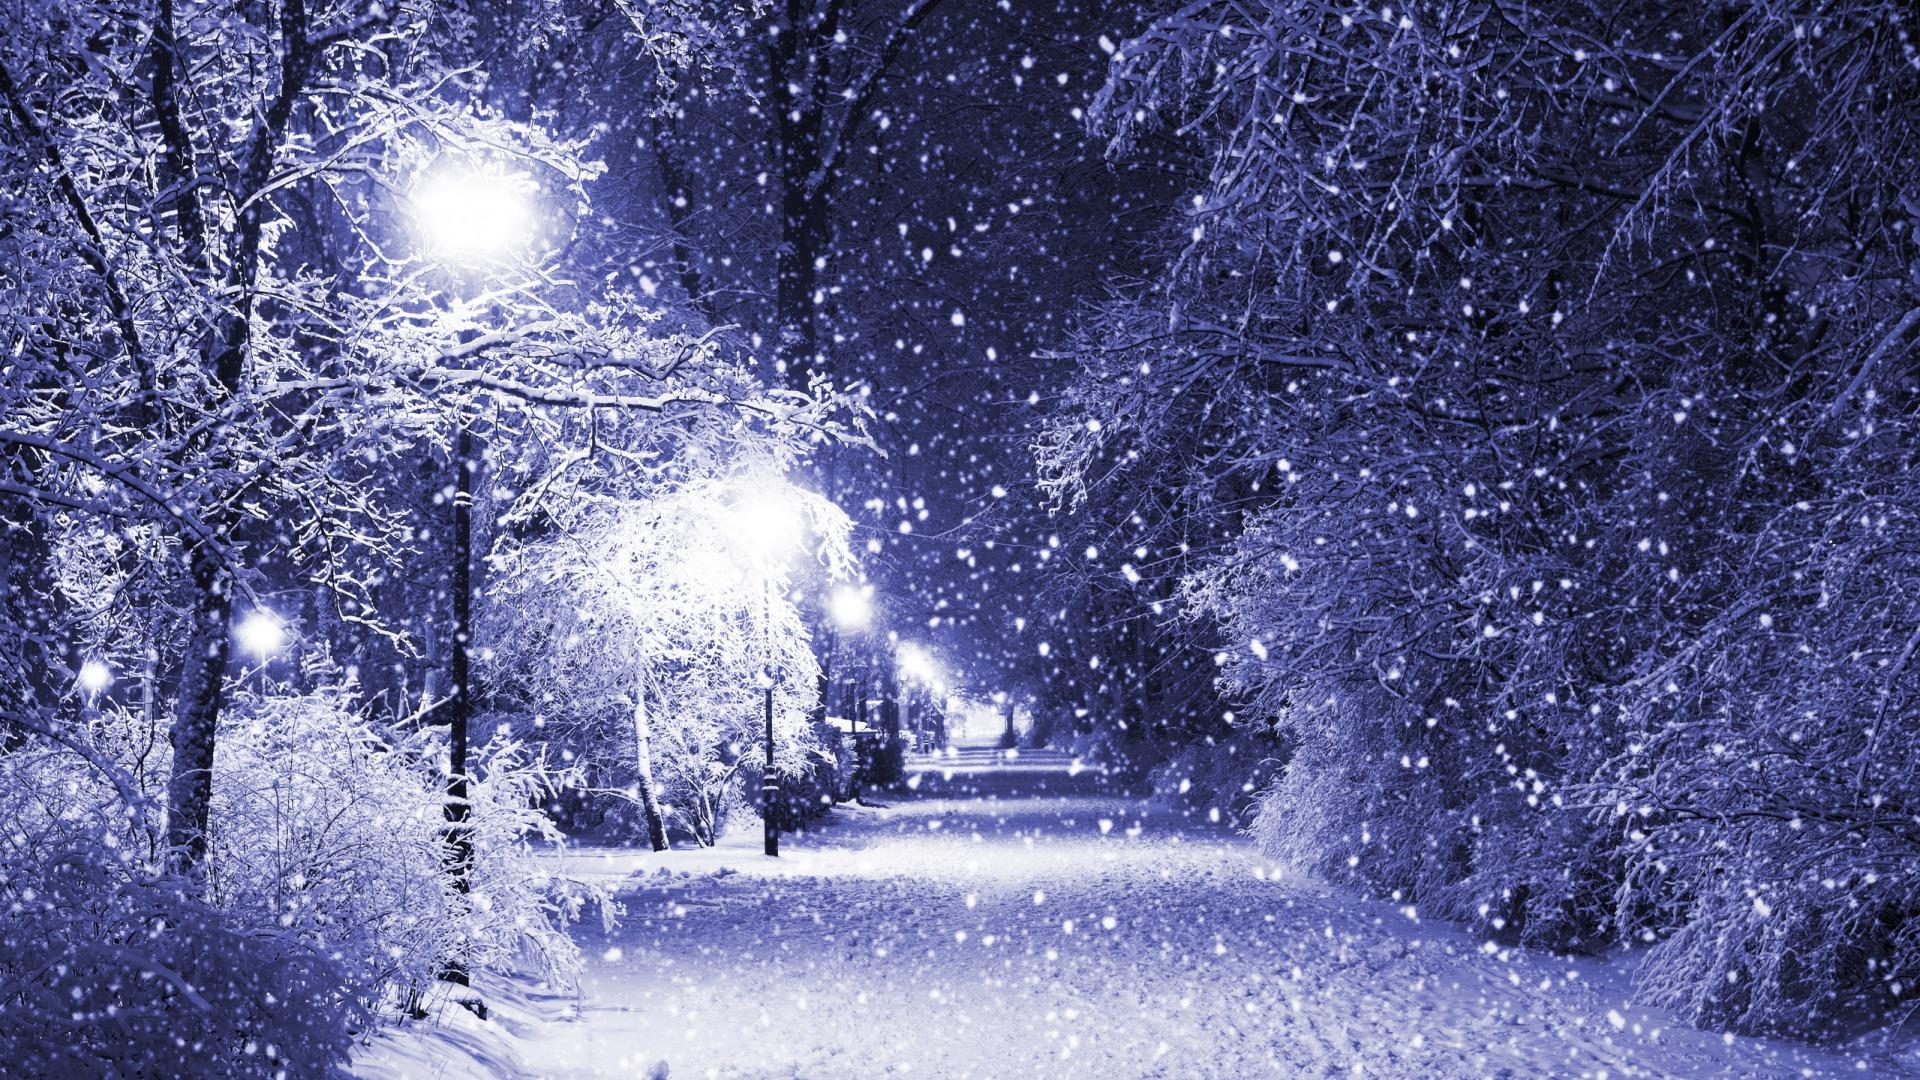 بالصور صور عن البرد , صور عن الشتاء القارص 6283 5